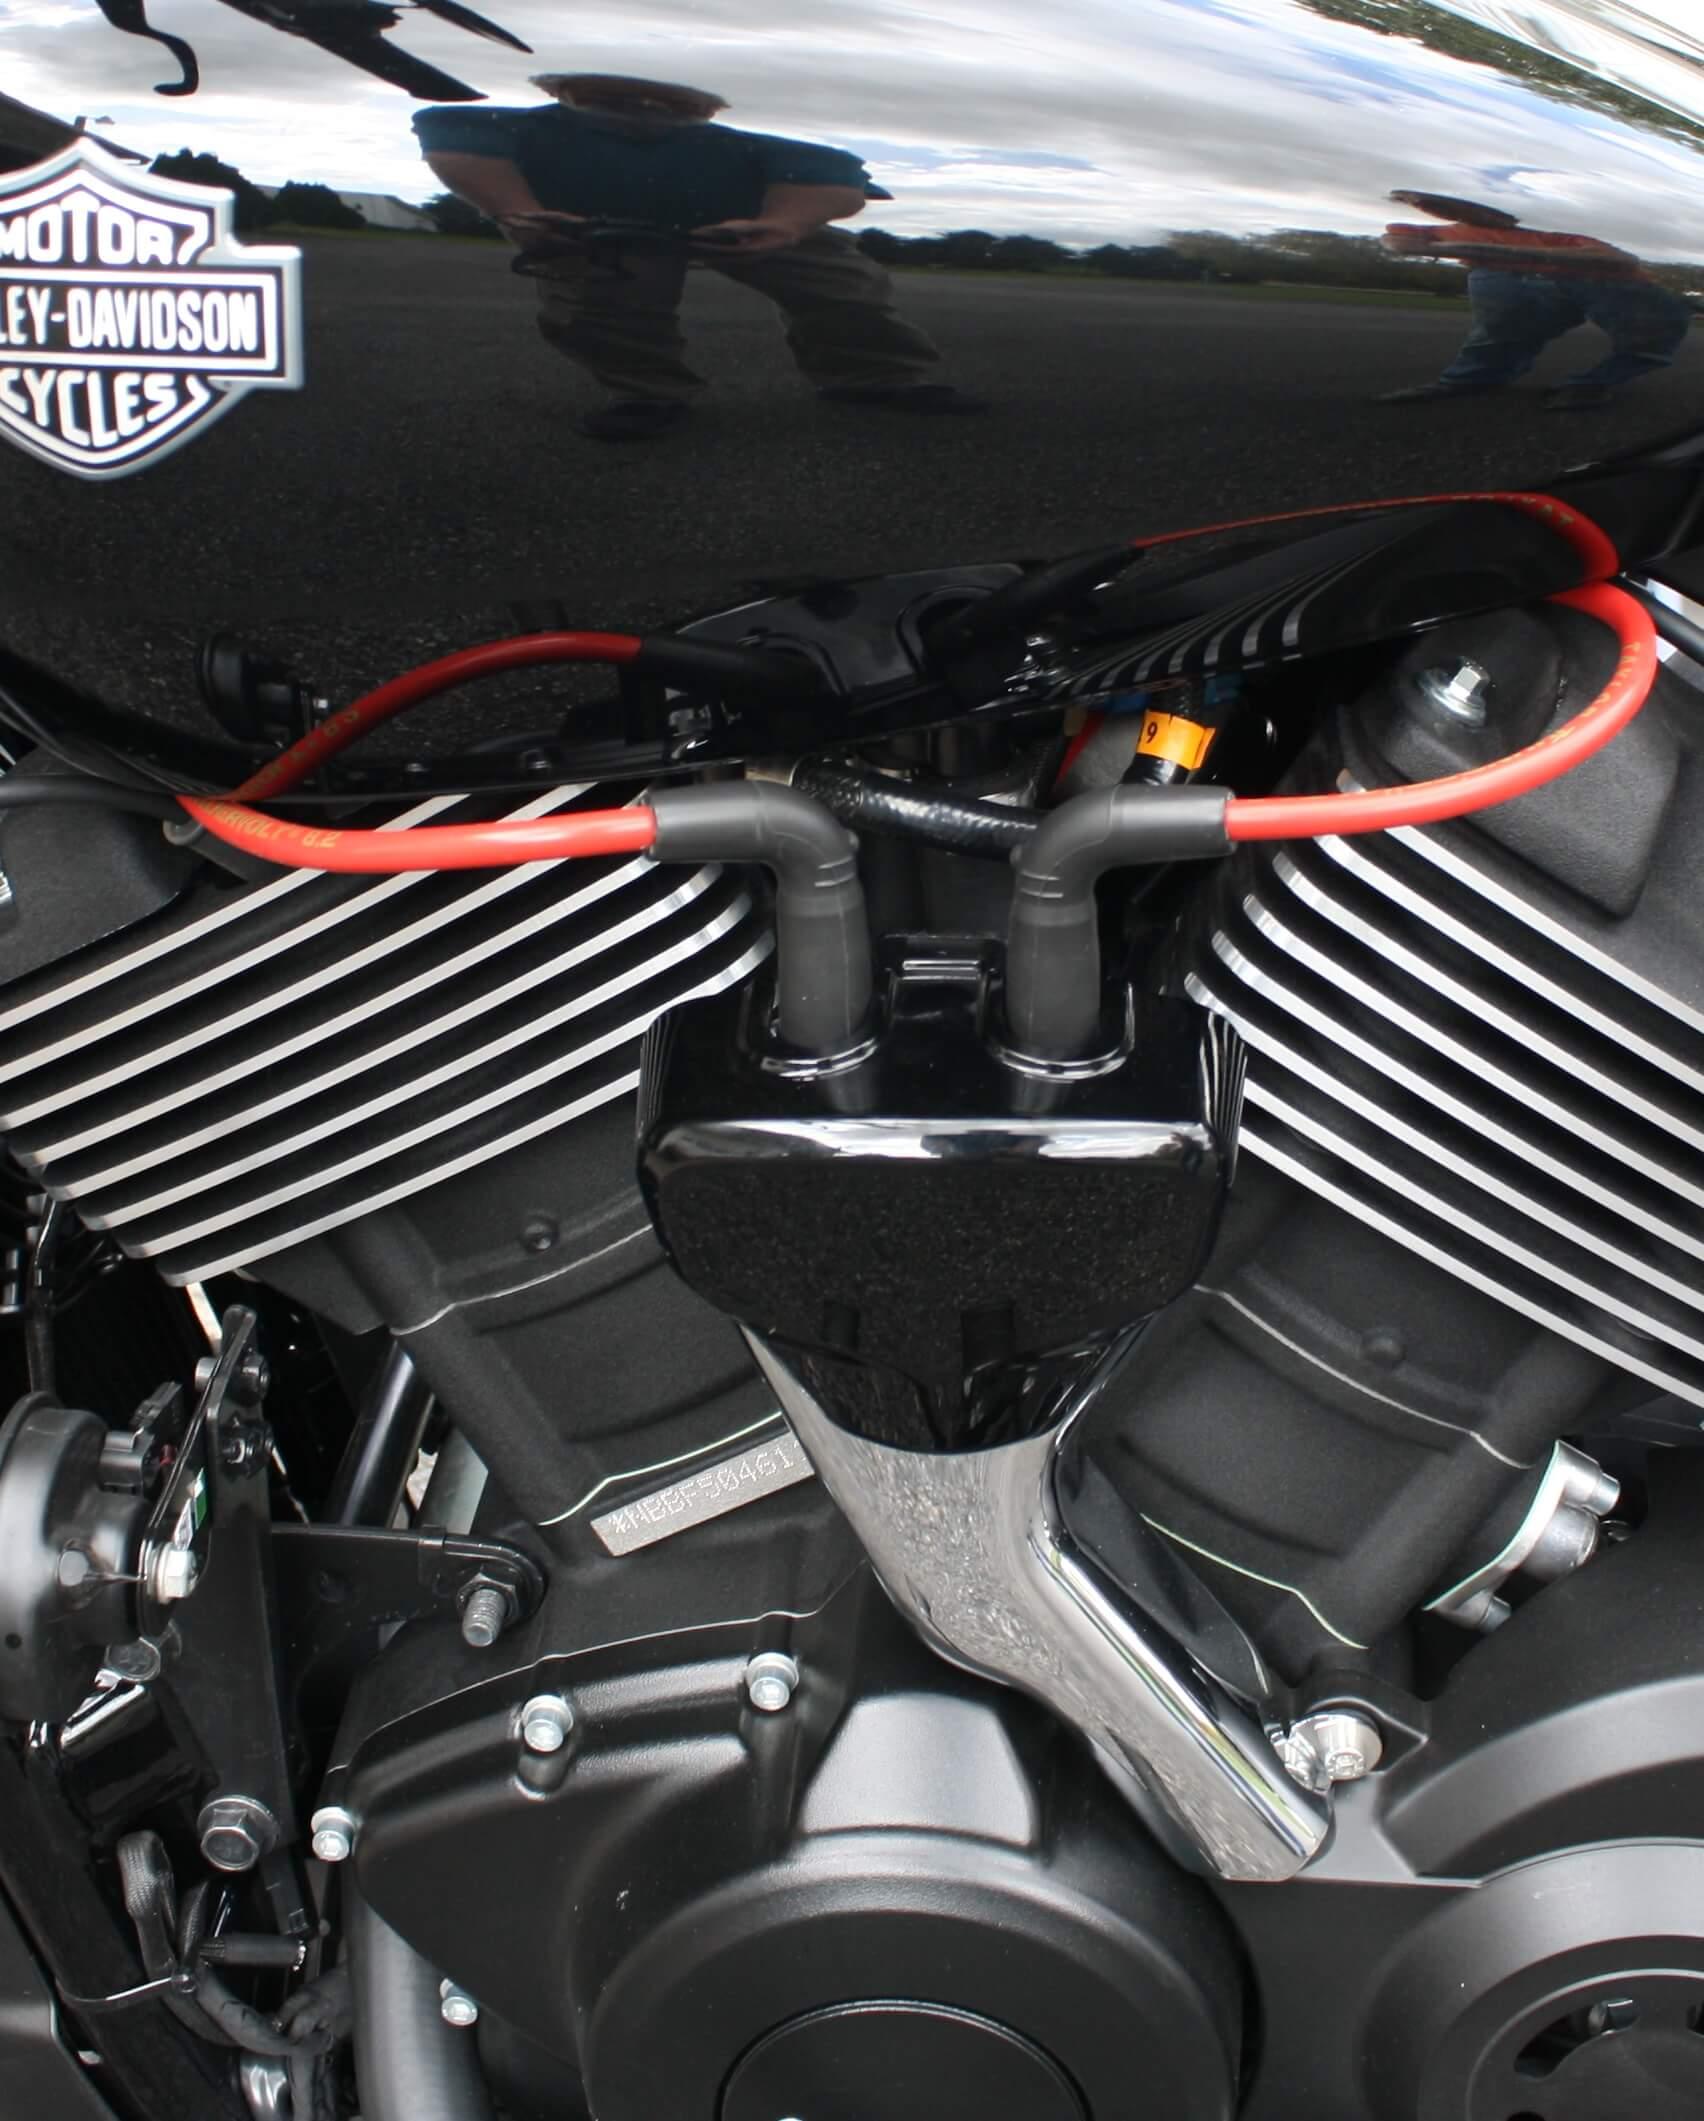 Spark Plug Wires (Kit) for Harley Davidson® Street Rod 500 & 750 XG on harley davidson fuses, harley davidson spark plugs, harley davidson vacuum lines, harley davidson muffler, harley davidson radiator, harley davidson oil, harley davidson coil, harley davidson battery, harley davidson rotor, harley davidson fuel injectors, harley davidson ecm, harley davidson oxygen sensor, harley davidson water pump, harley davidson distributor, harley davidson fuel pump, harley davidson shifter, harley davidson filters, harley davidson springs, harley davidson ignition, harley davidson knock sensor,